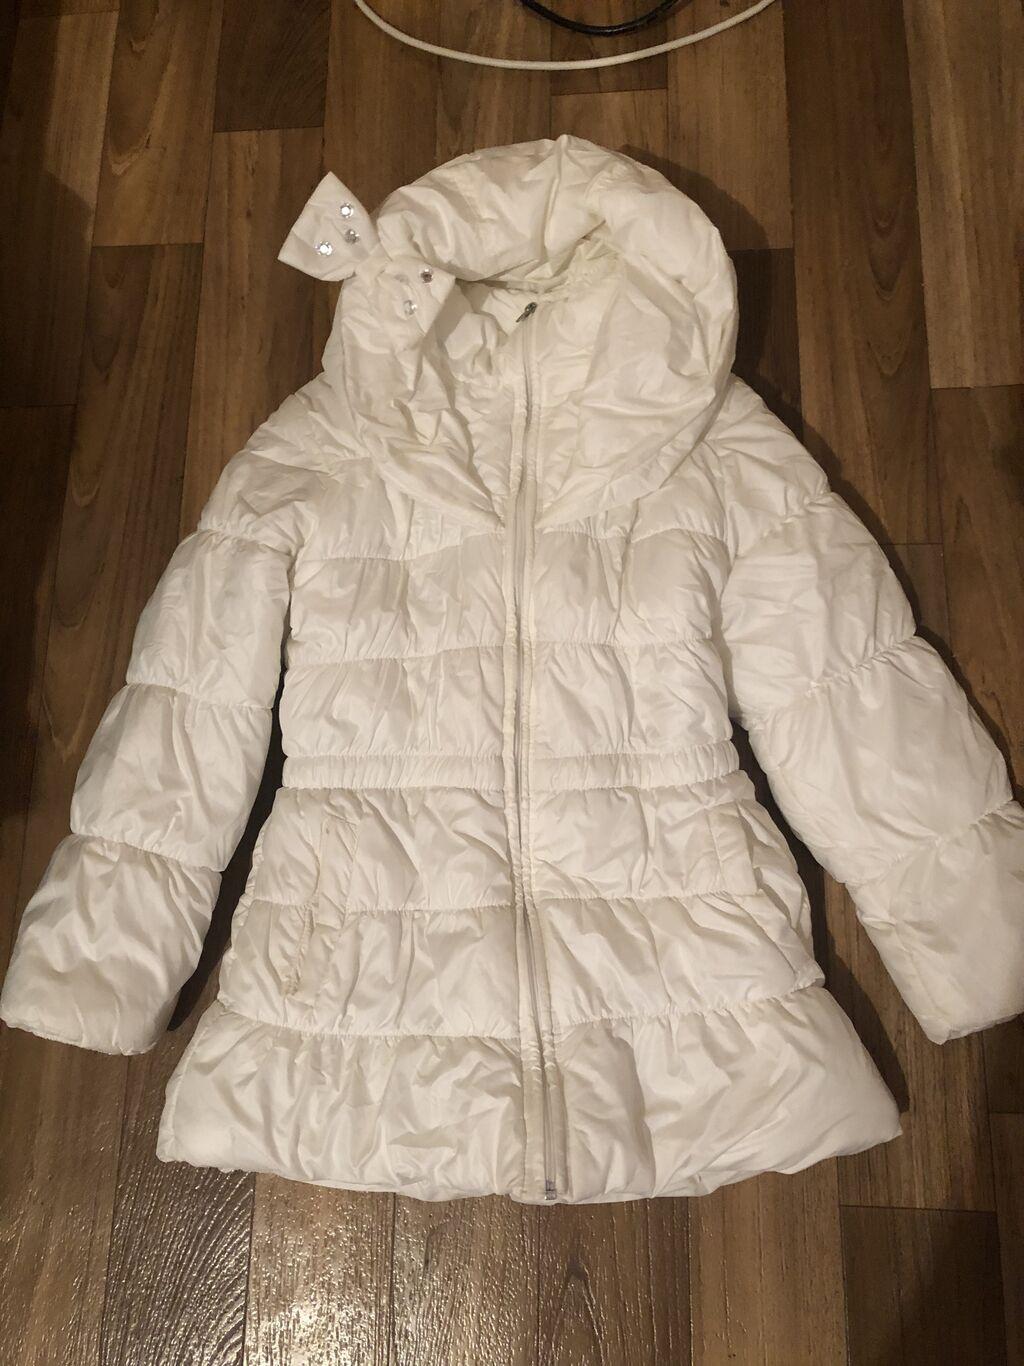 Польская куртка в хорошем состоянии на 8 9 лет есть дырочка на рукаве: Польская куртка в хорошем состоянии на 8 9 лет есть дырочка на рукаве